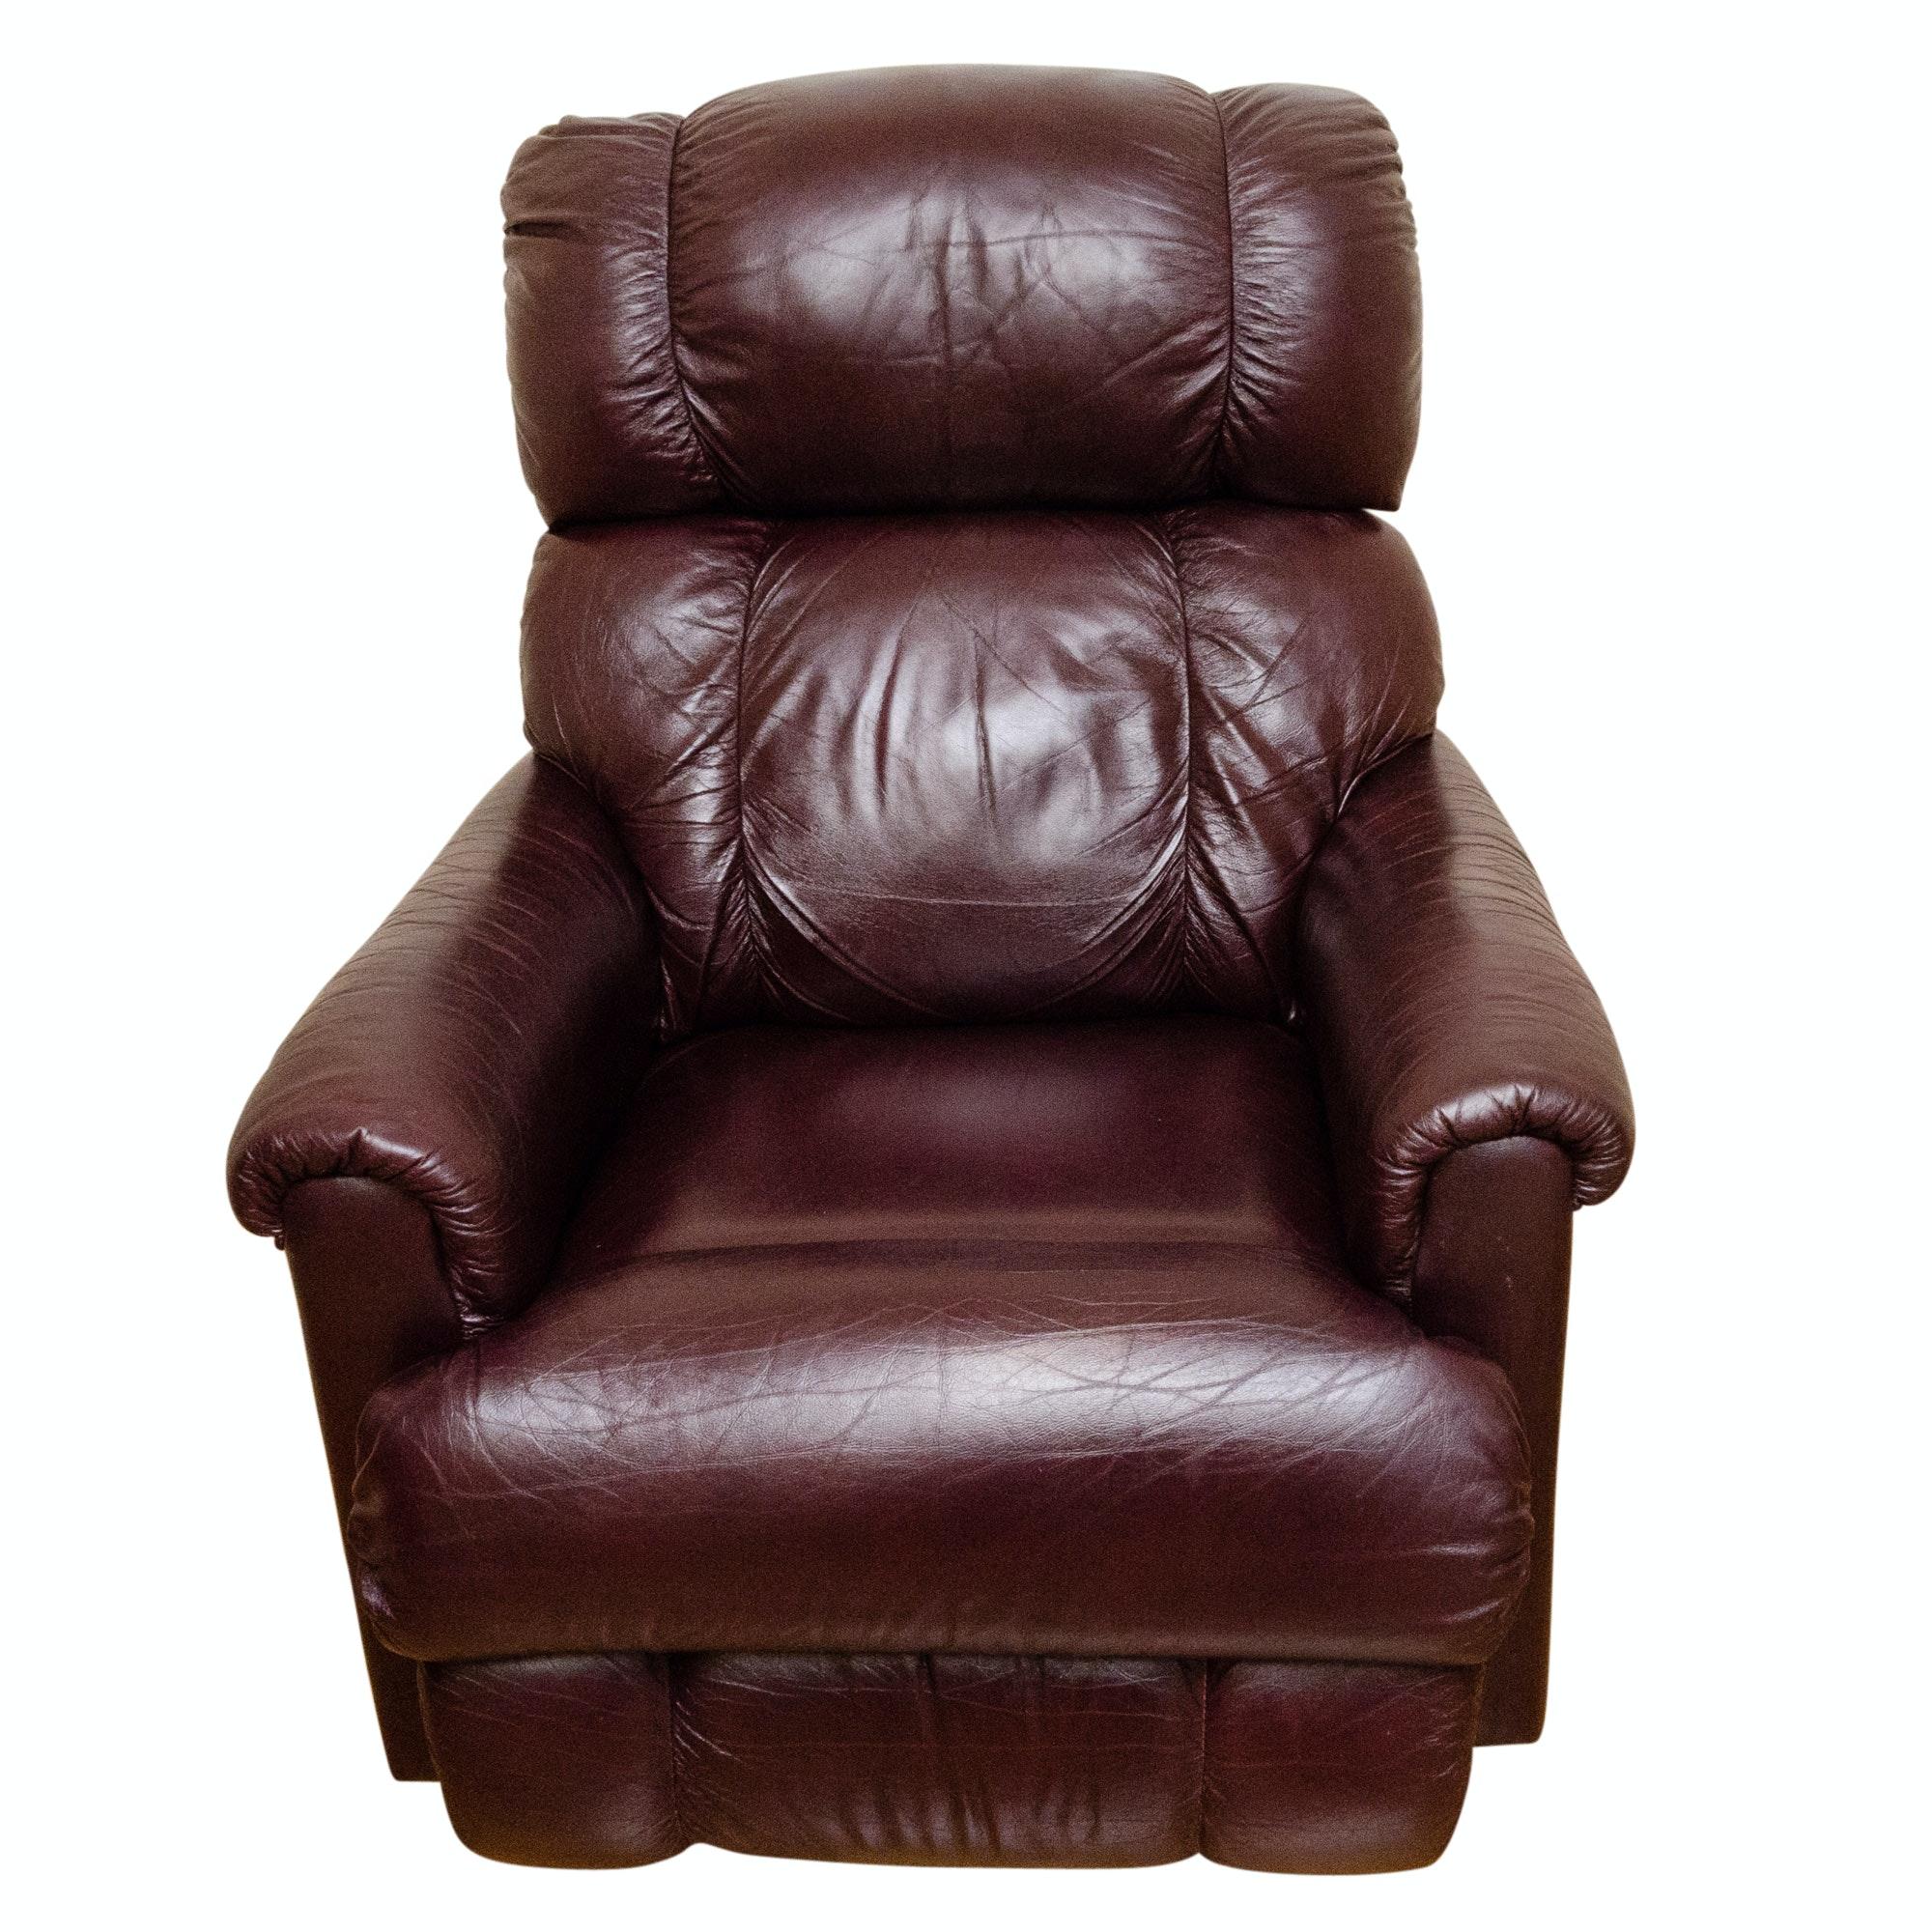 La-Z-Boy Upholstered Leather Recliner